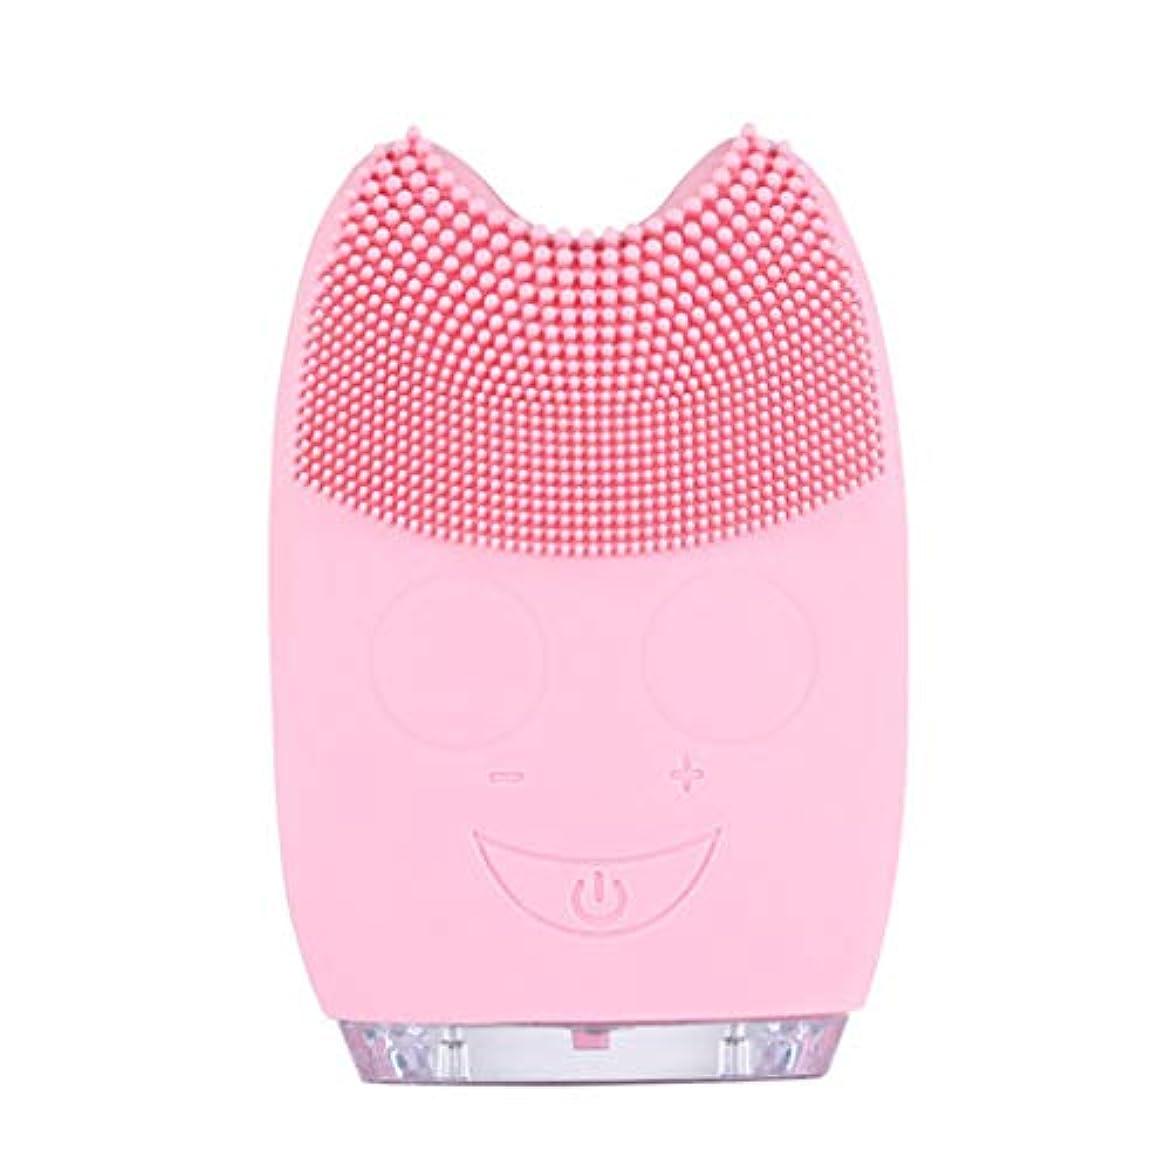 イーウェル妥協魔術師Qi フェイシャルクレンザーブラシ、防水ミニ電動マッサージマシンシリコンフェイシャルクレンジングデバイスツール GQ (色 : Pink)